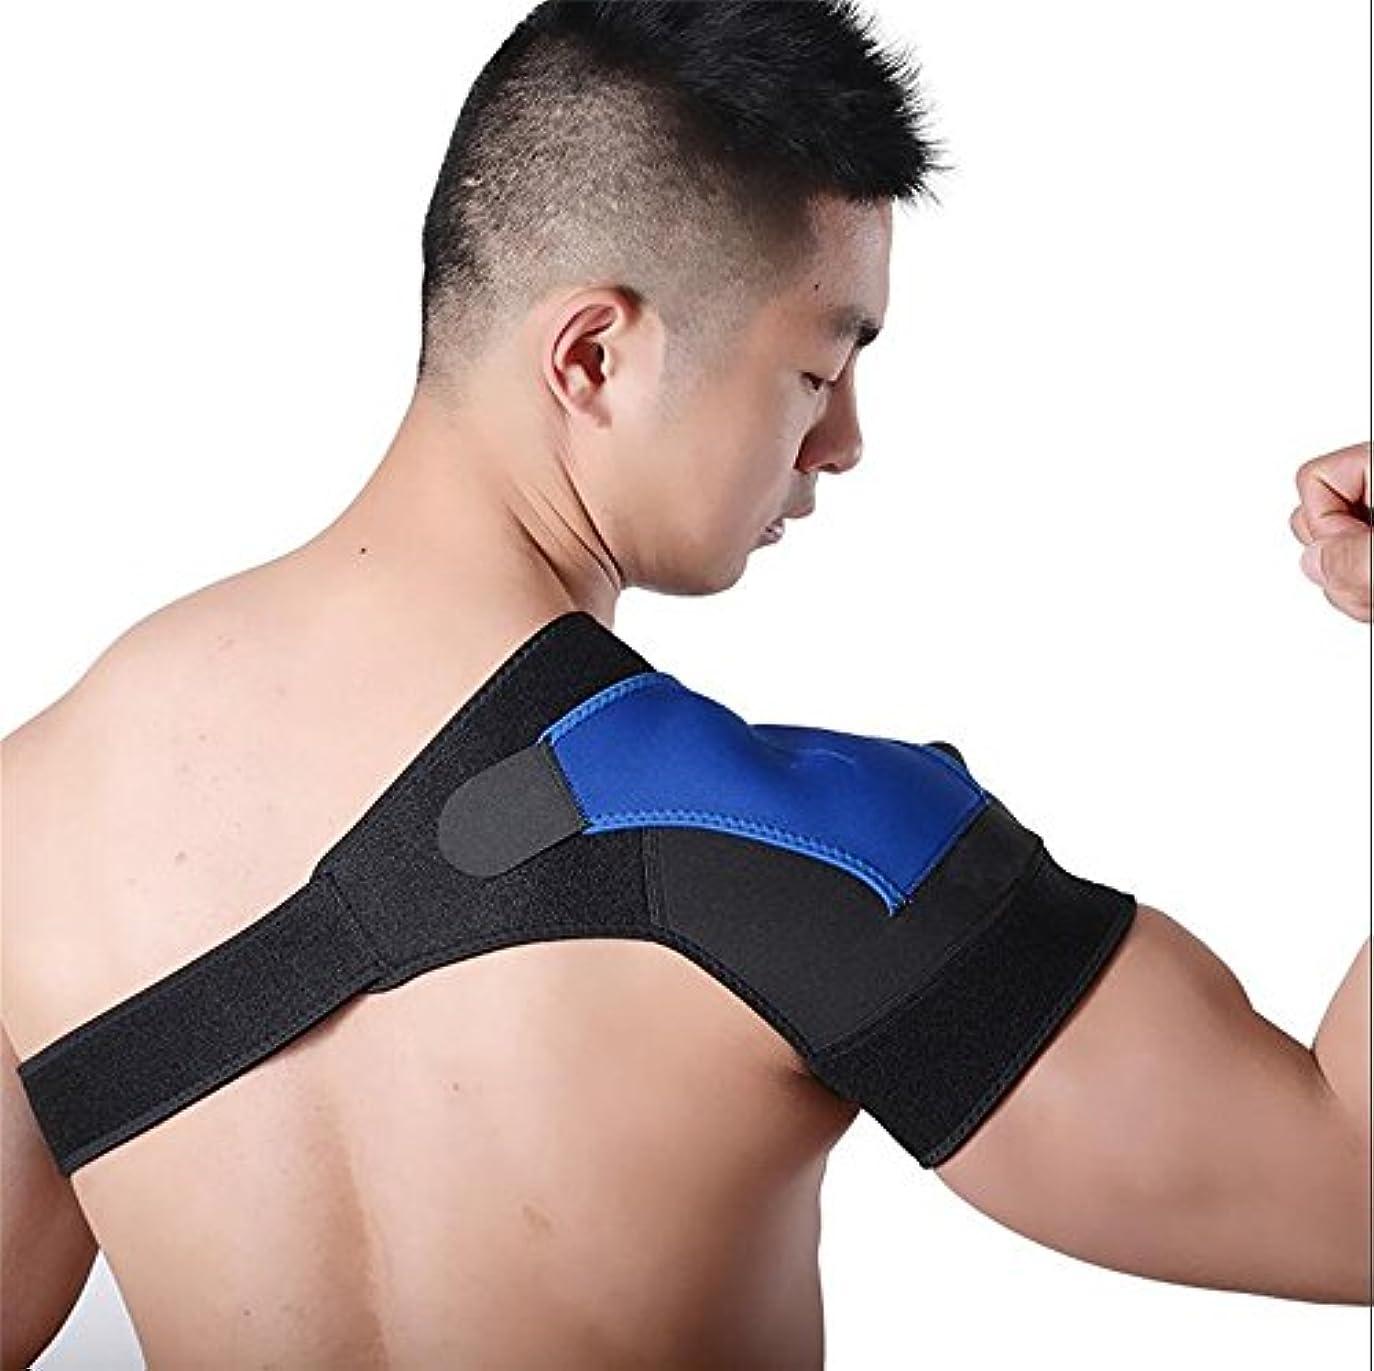 男取得シャーZSZBACE 肩サポーター 右肩 左肩 肩 肩固定 けが 防止 マジック テープ式 男女兼用 簡単装着 (左肩用, ブルー)